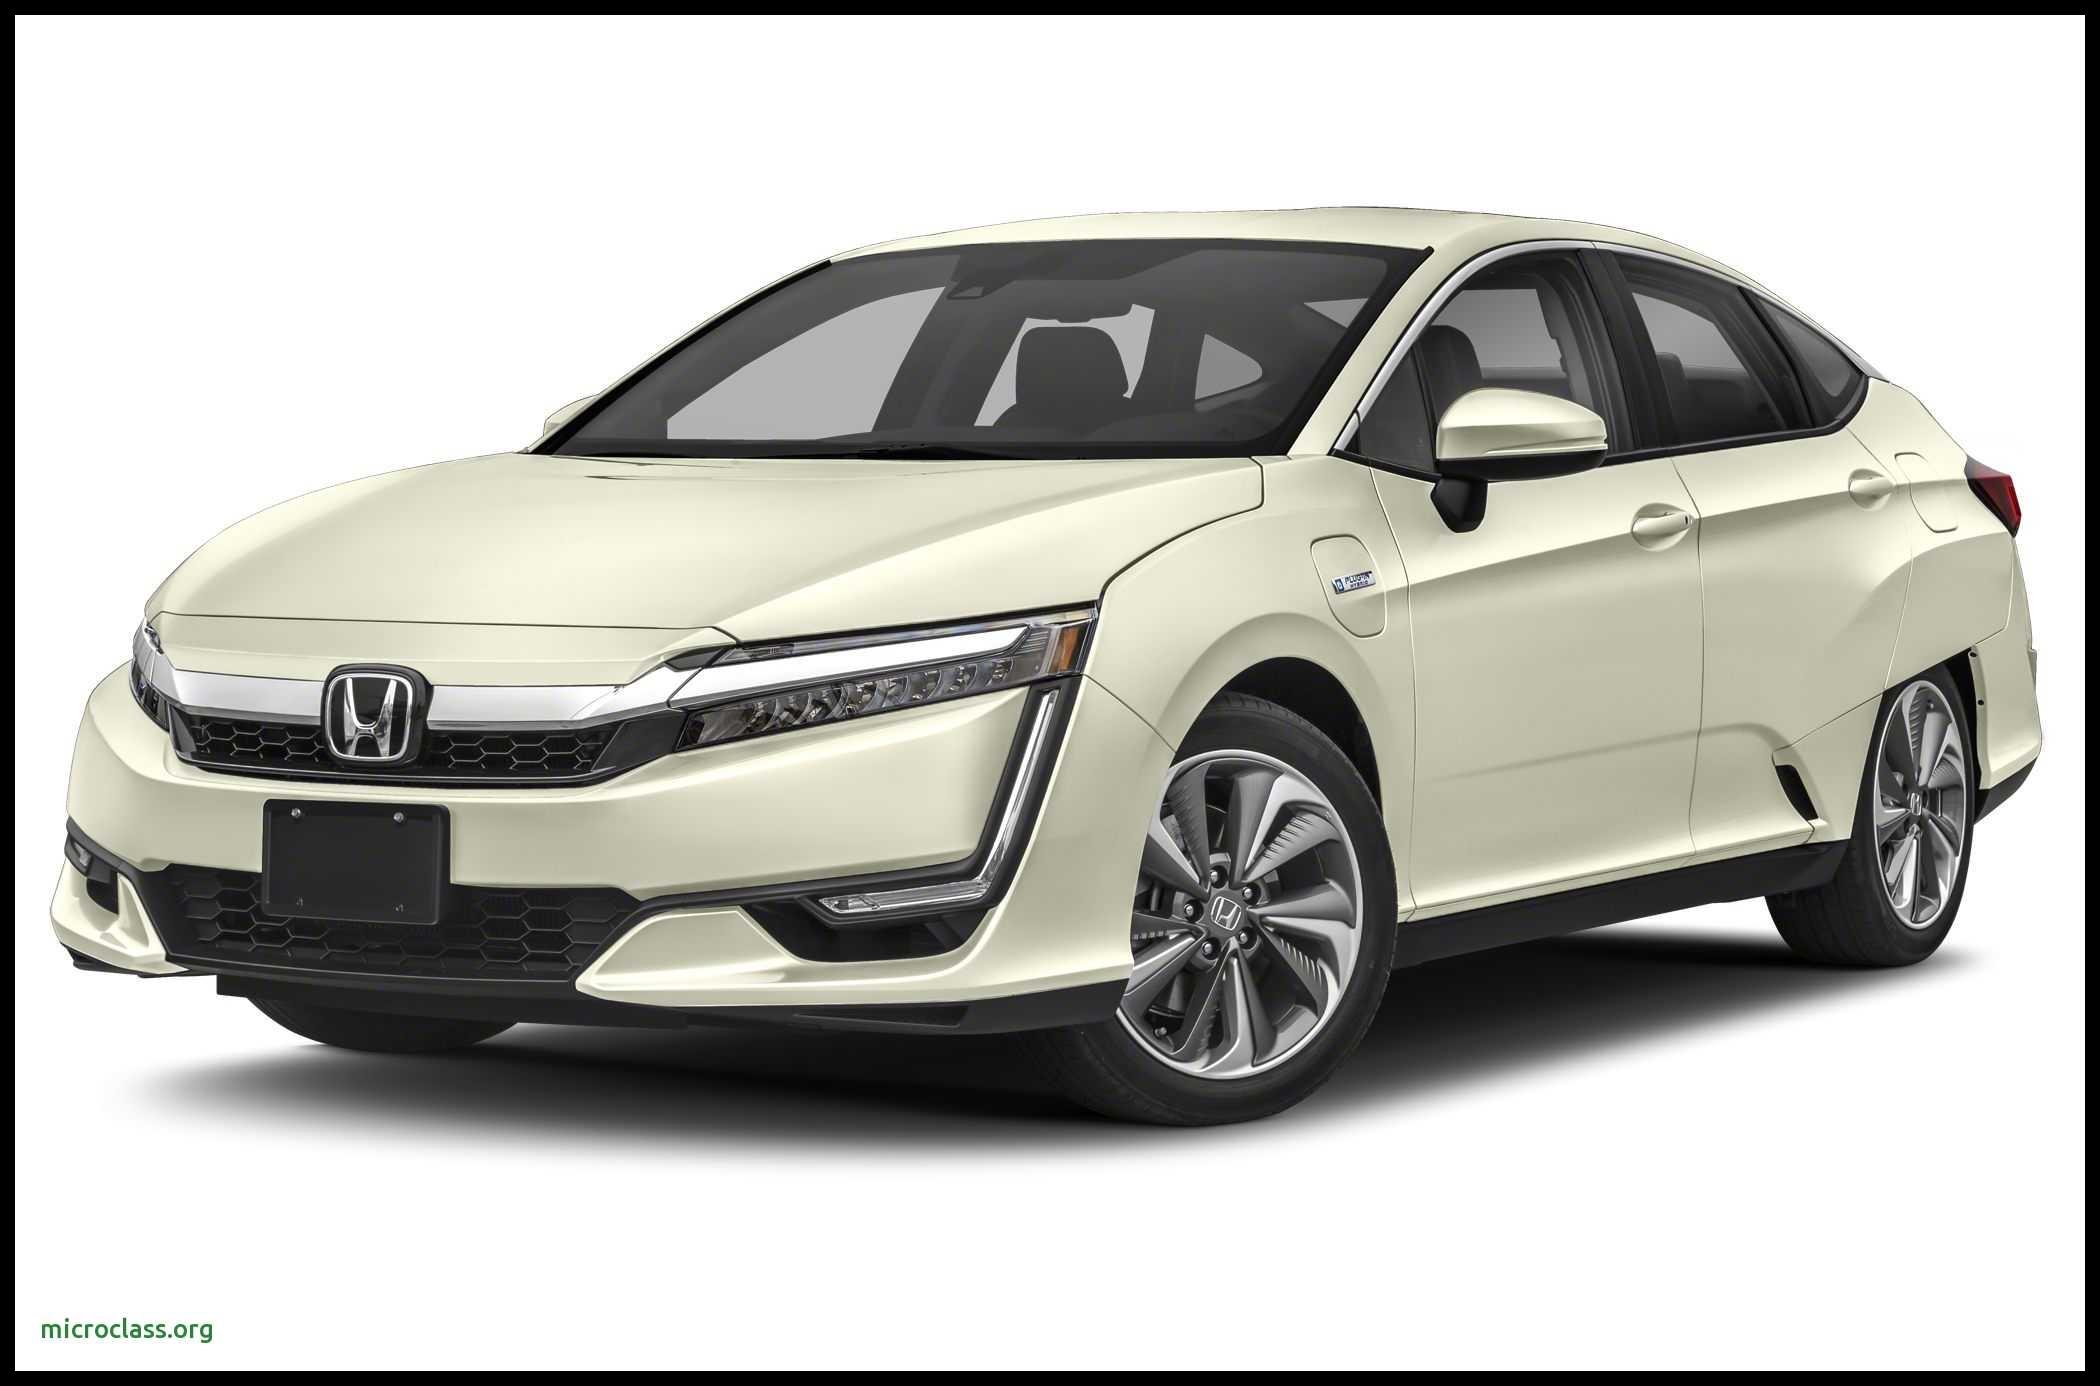 2018 Honda Clarity Plug In Hybrid Vs 2018 toyota Avalon Hybrid and Best toyota